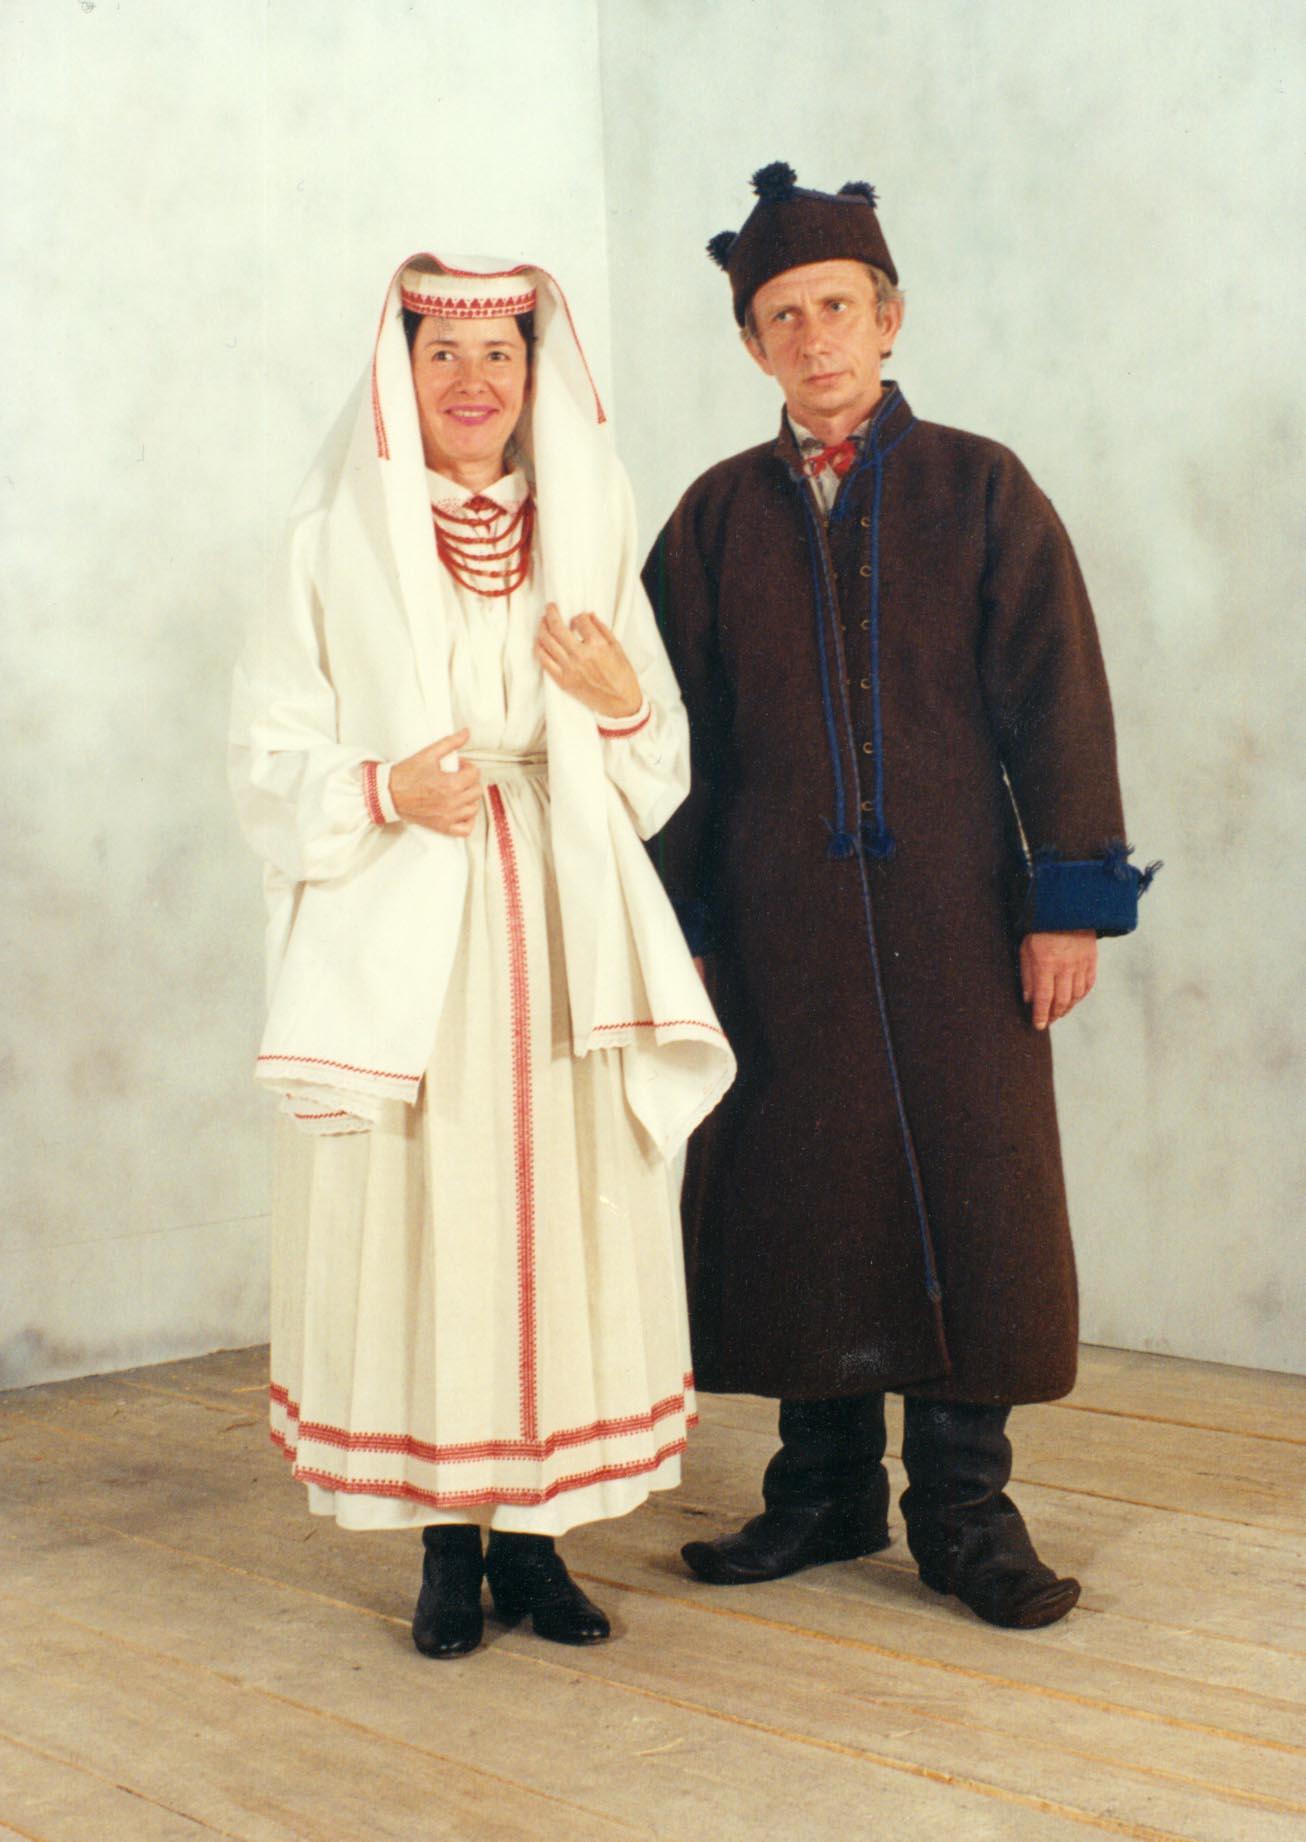 Zdjęcie pary ubranej w tradycyjne stroje biłgorajskie. Kobieta w białym stroju i czepcu z czerwonymi przeszyciami, w czerwonych koralach, na nogach ma czarne obuwie. Męższyzna natomiast ubrany jest w strój w kolorze brązowym z elementami intensywnego granatu, posiada specyficzne okrycie głowy z trzema pomponami oraz obszerne buty. Para stoi na tle pustego pomieszczenia.